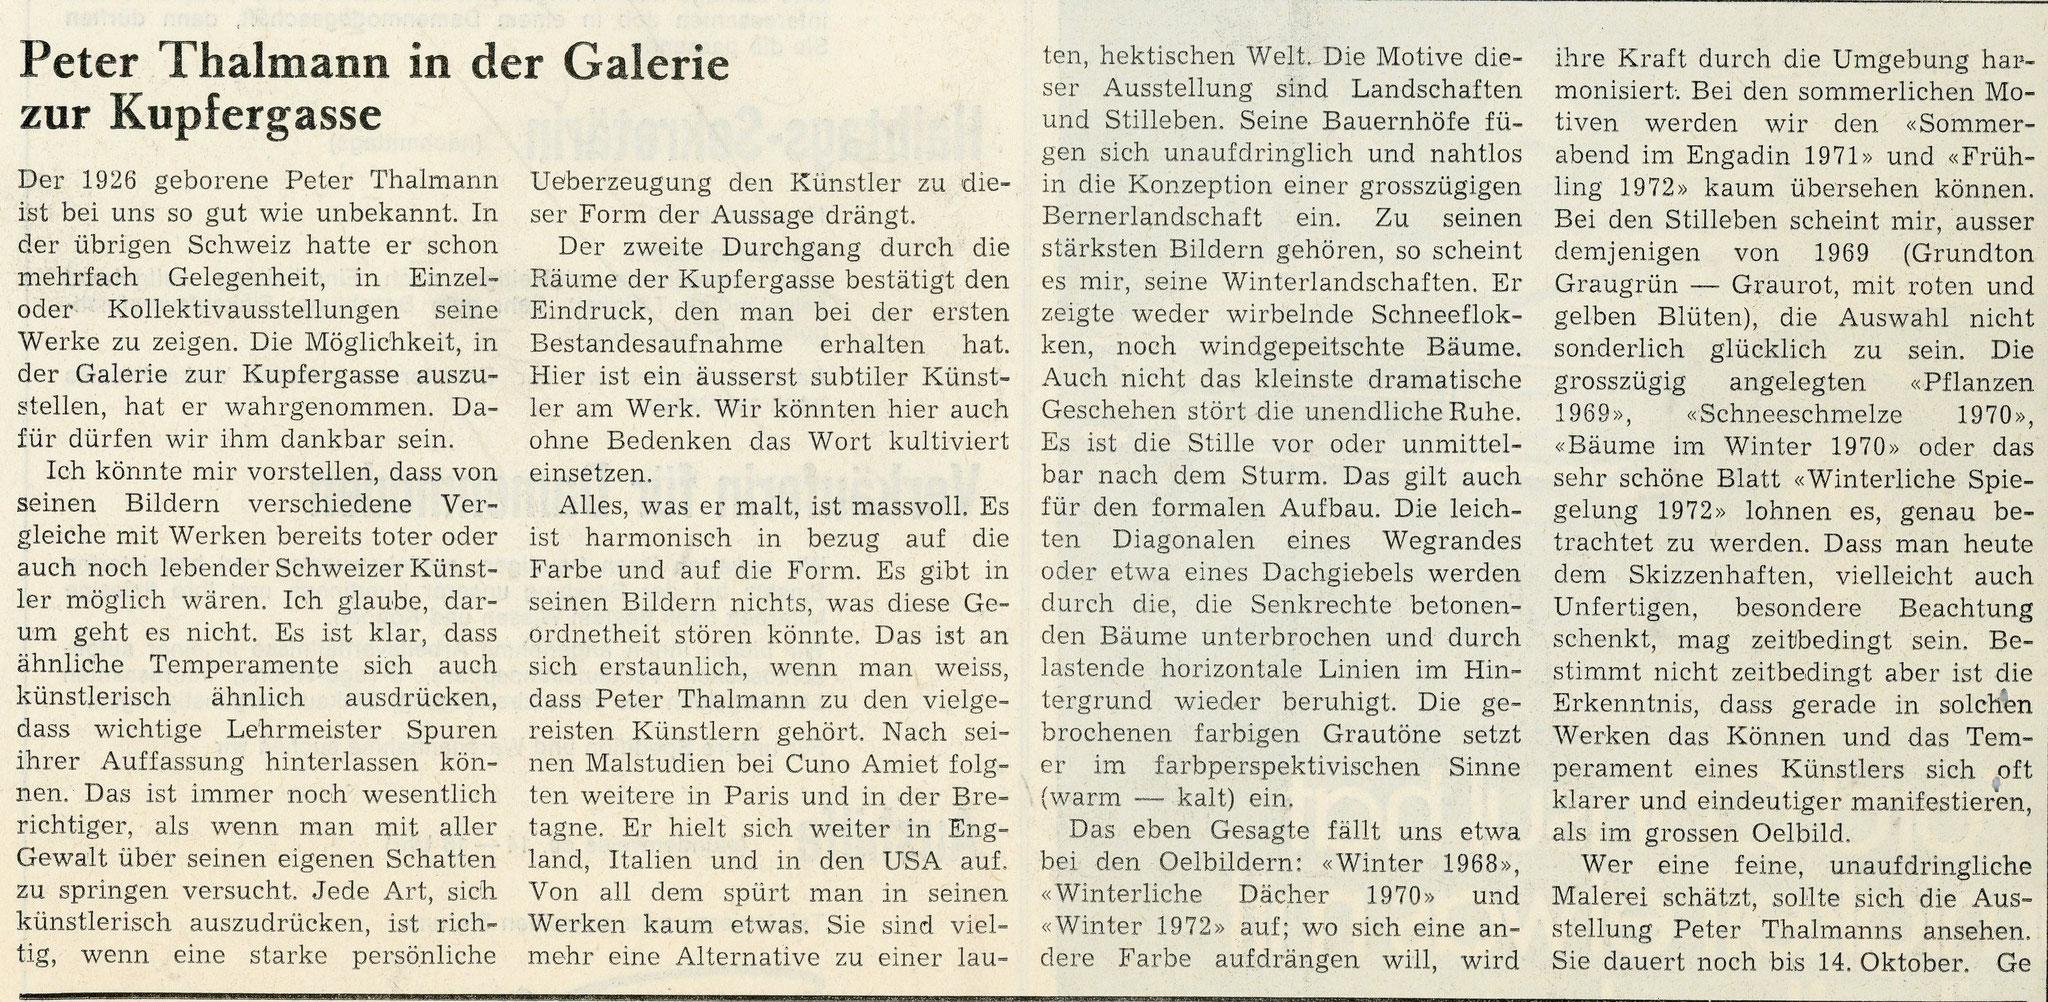 1972, Galerie zur Kupfergasse: Zeitungsbericht